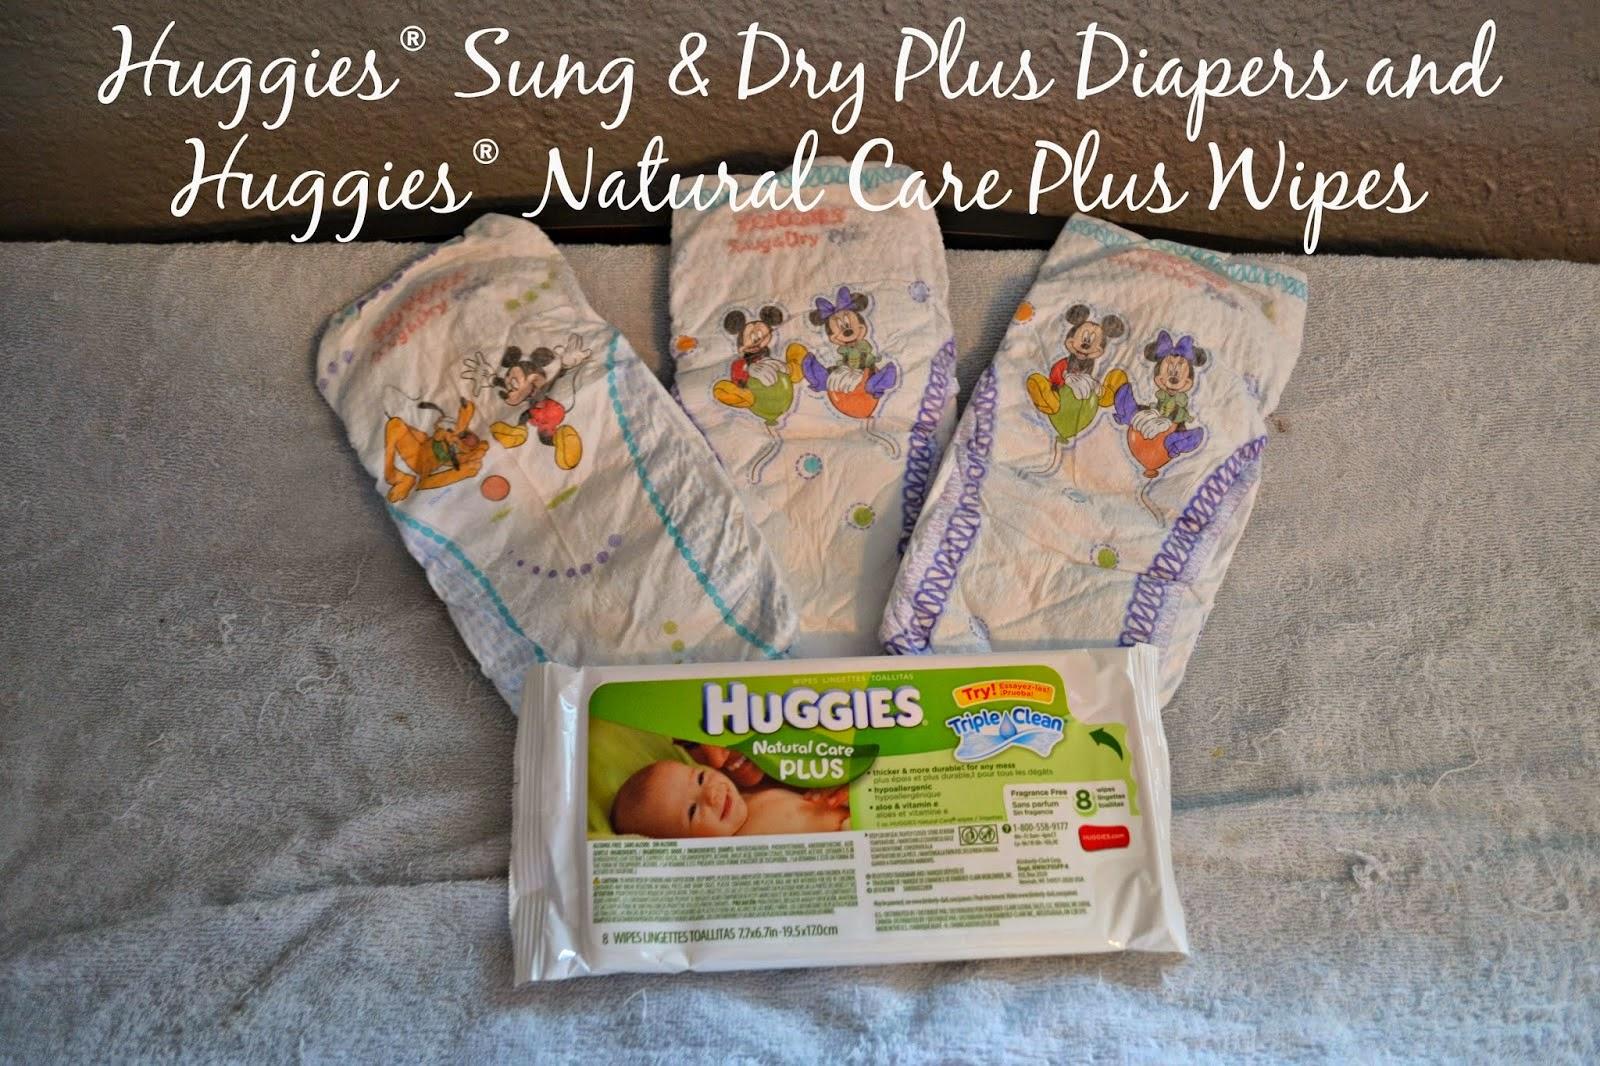 Huggies Natural Care Diapers Coupons